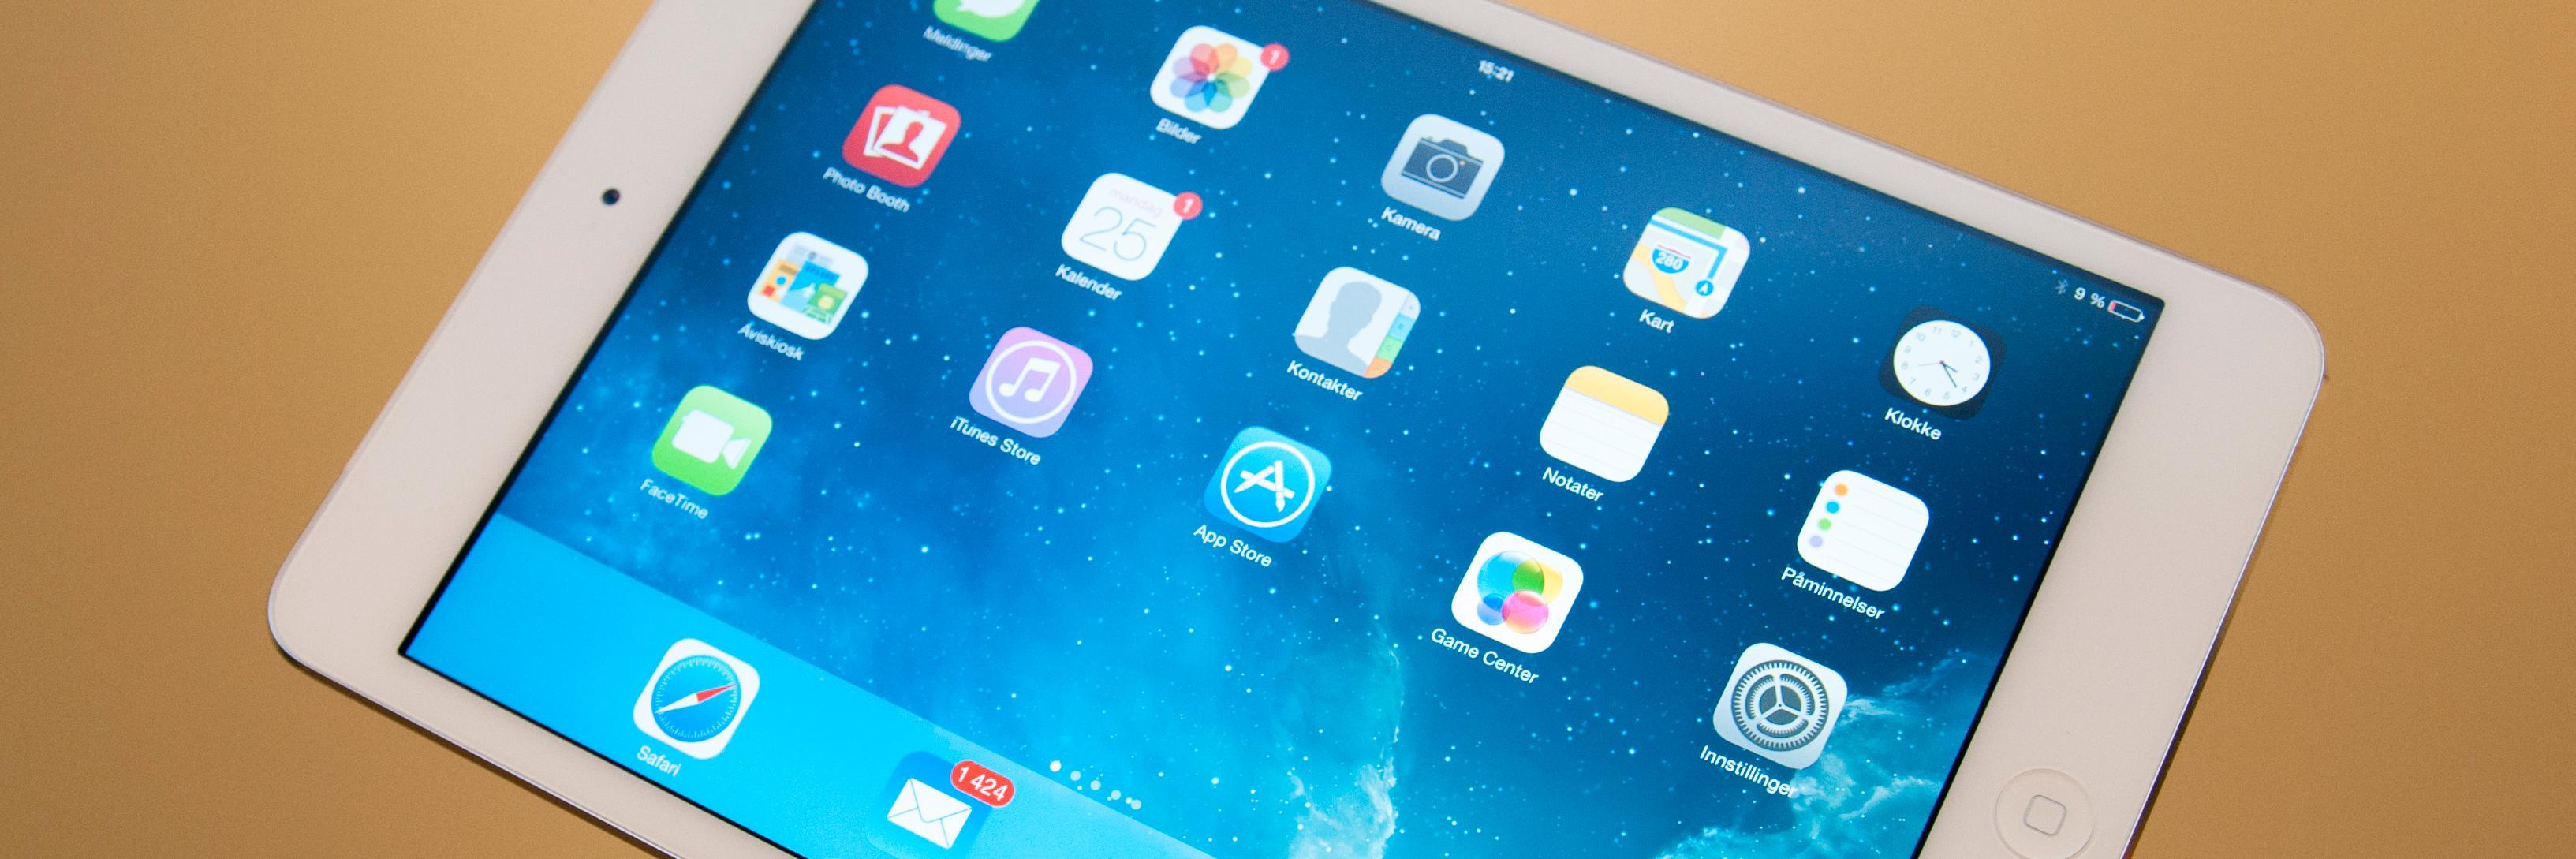 Apple overrasket med å lansere en iPad Mini som var like godt spesifisert som store iPad Air. Den gangen snakket de svært mye om valgfrihet. Får vi snart den samme valgfriheten på iPhone-fronten?Foto: Finn Jarle Kvalheim, Amobil.no